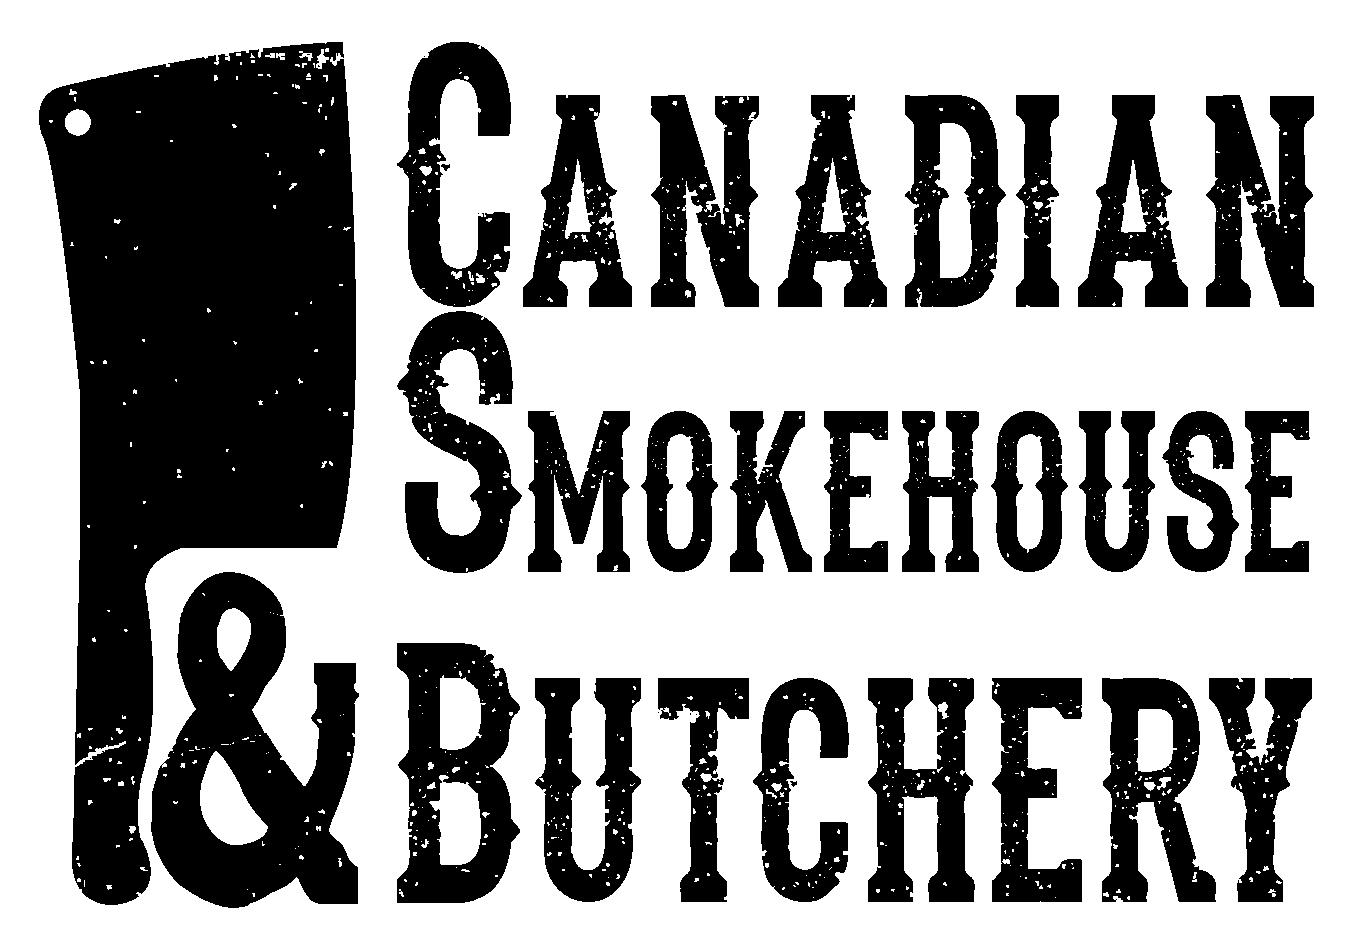 butchery-logo